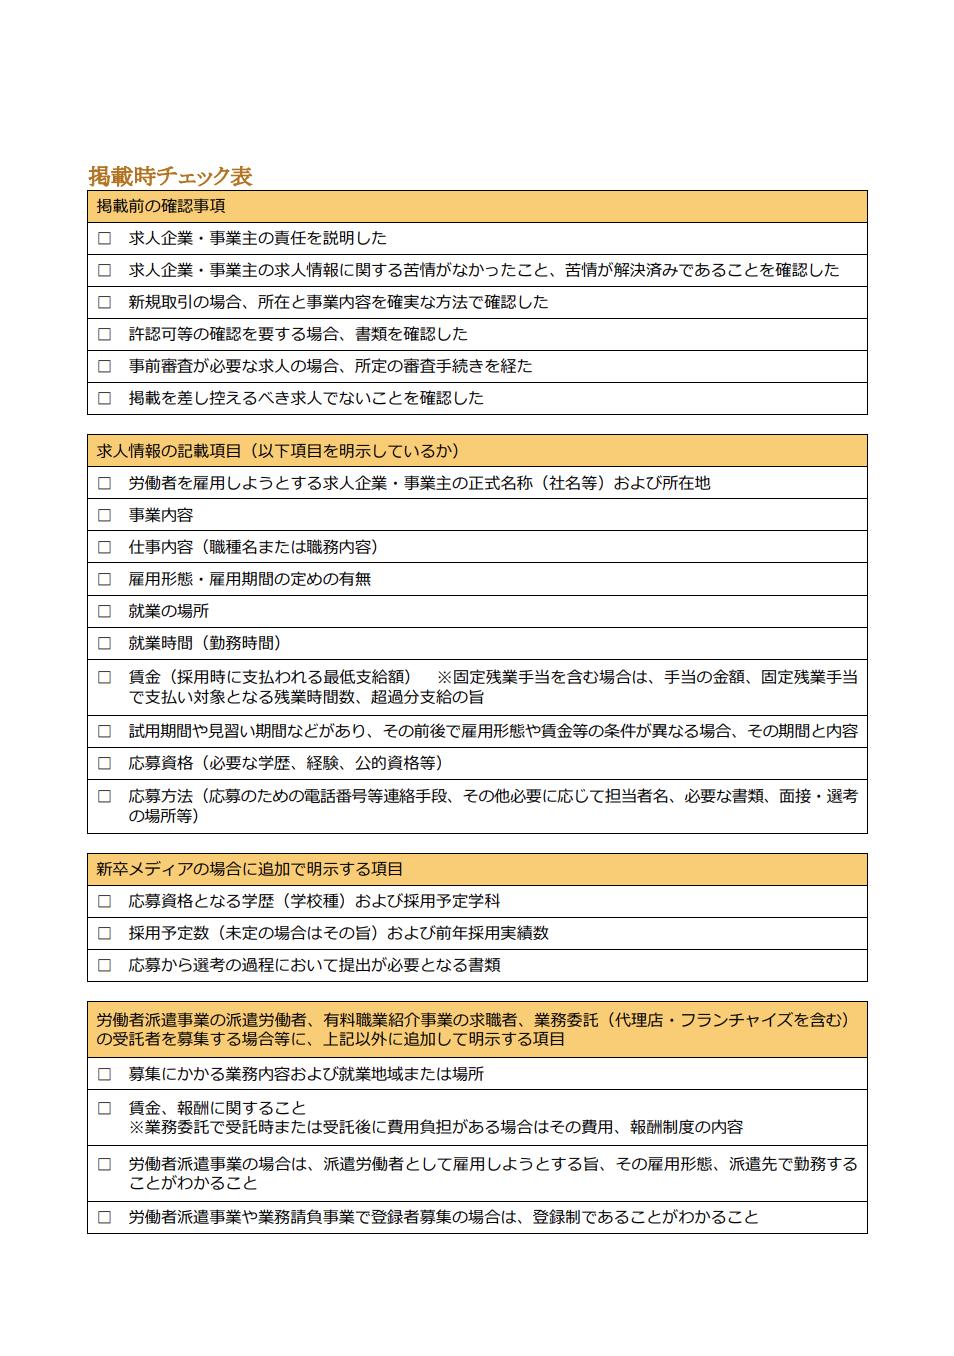 掲載時チェック表[PDF]